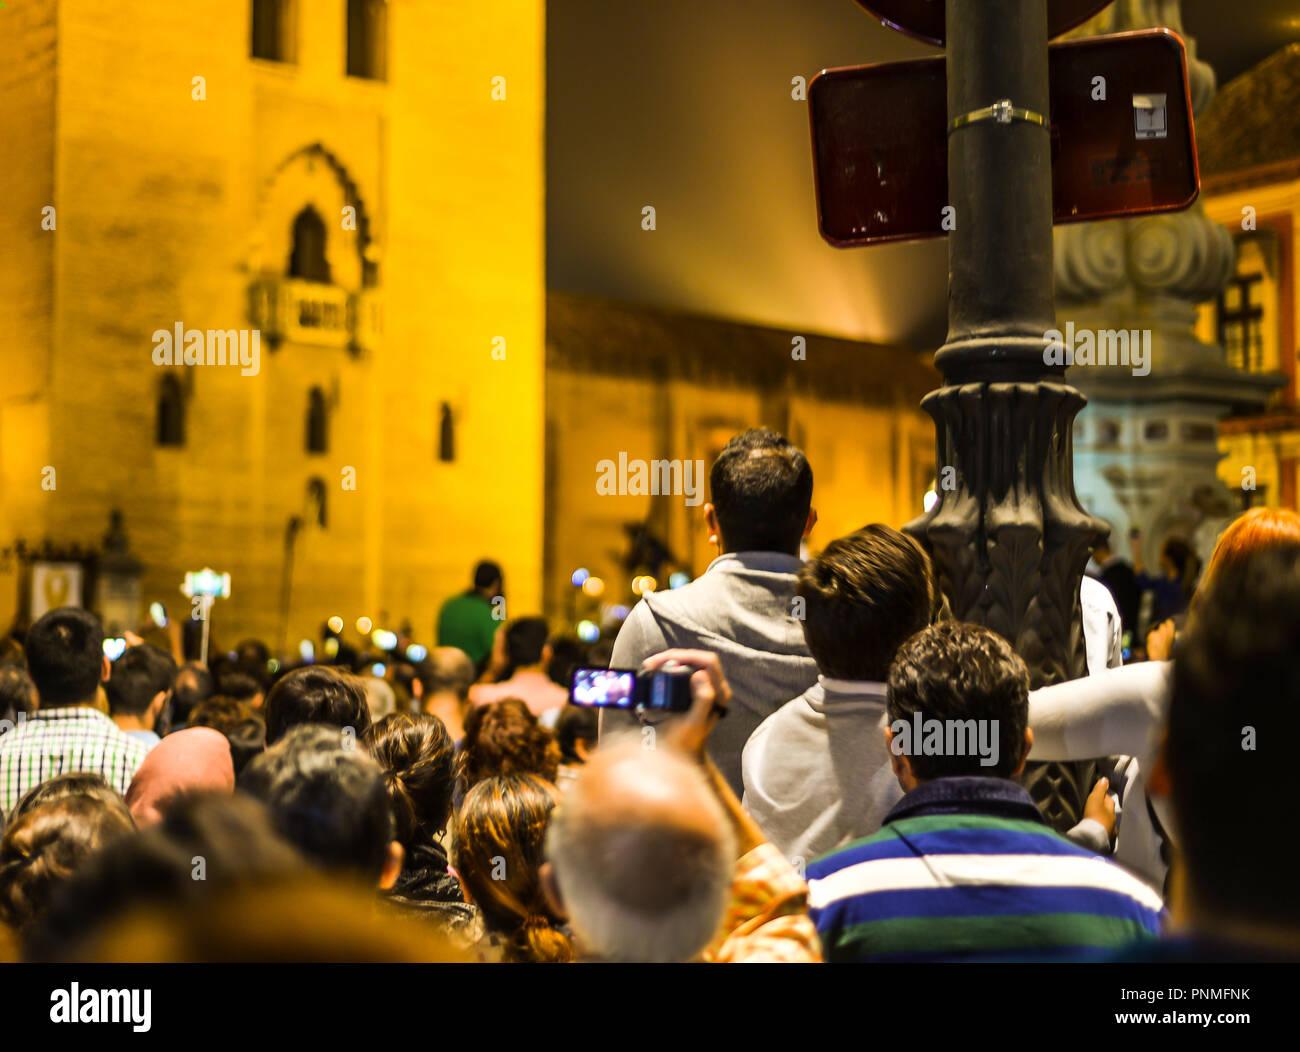 Sevilla/Spagna - 10/13/16 - un evento religioso di notte Immagini Stock